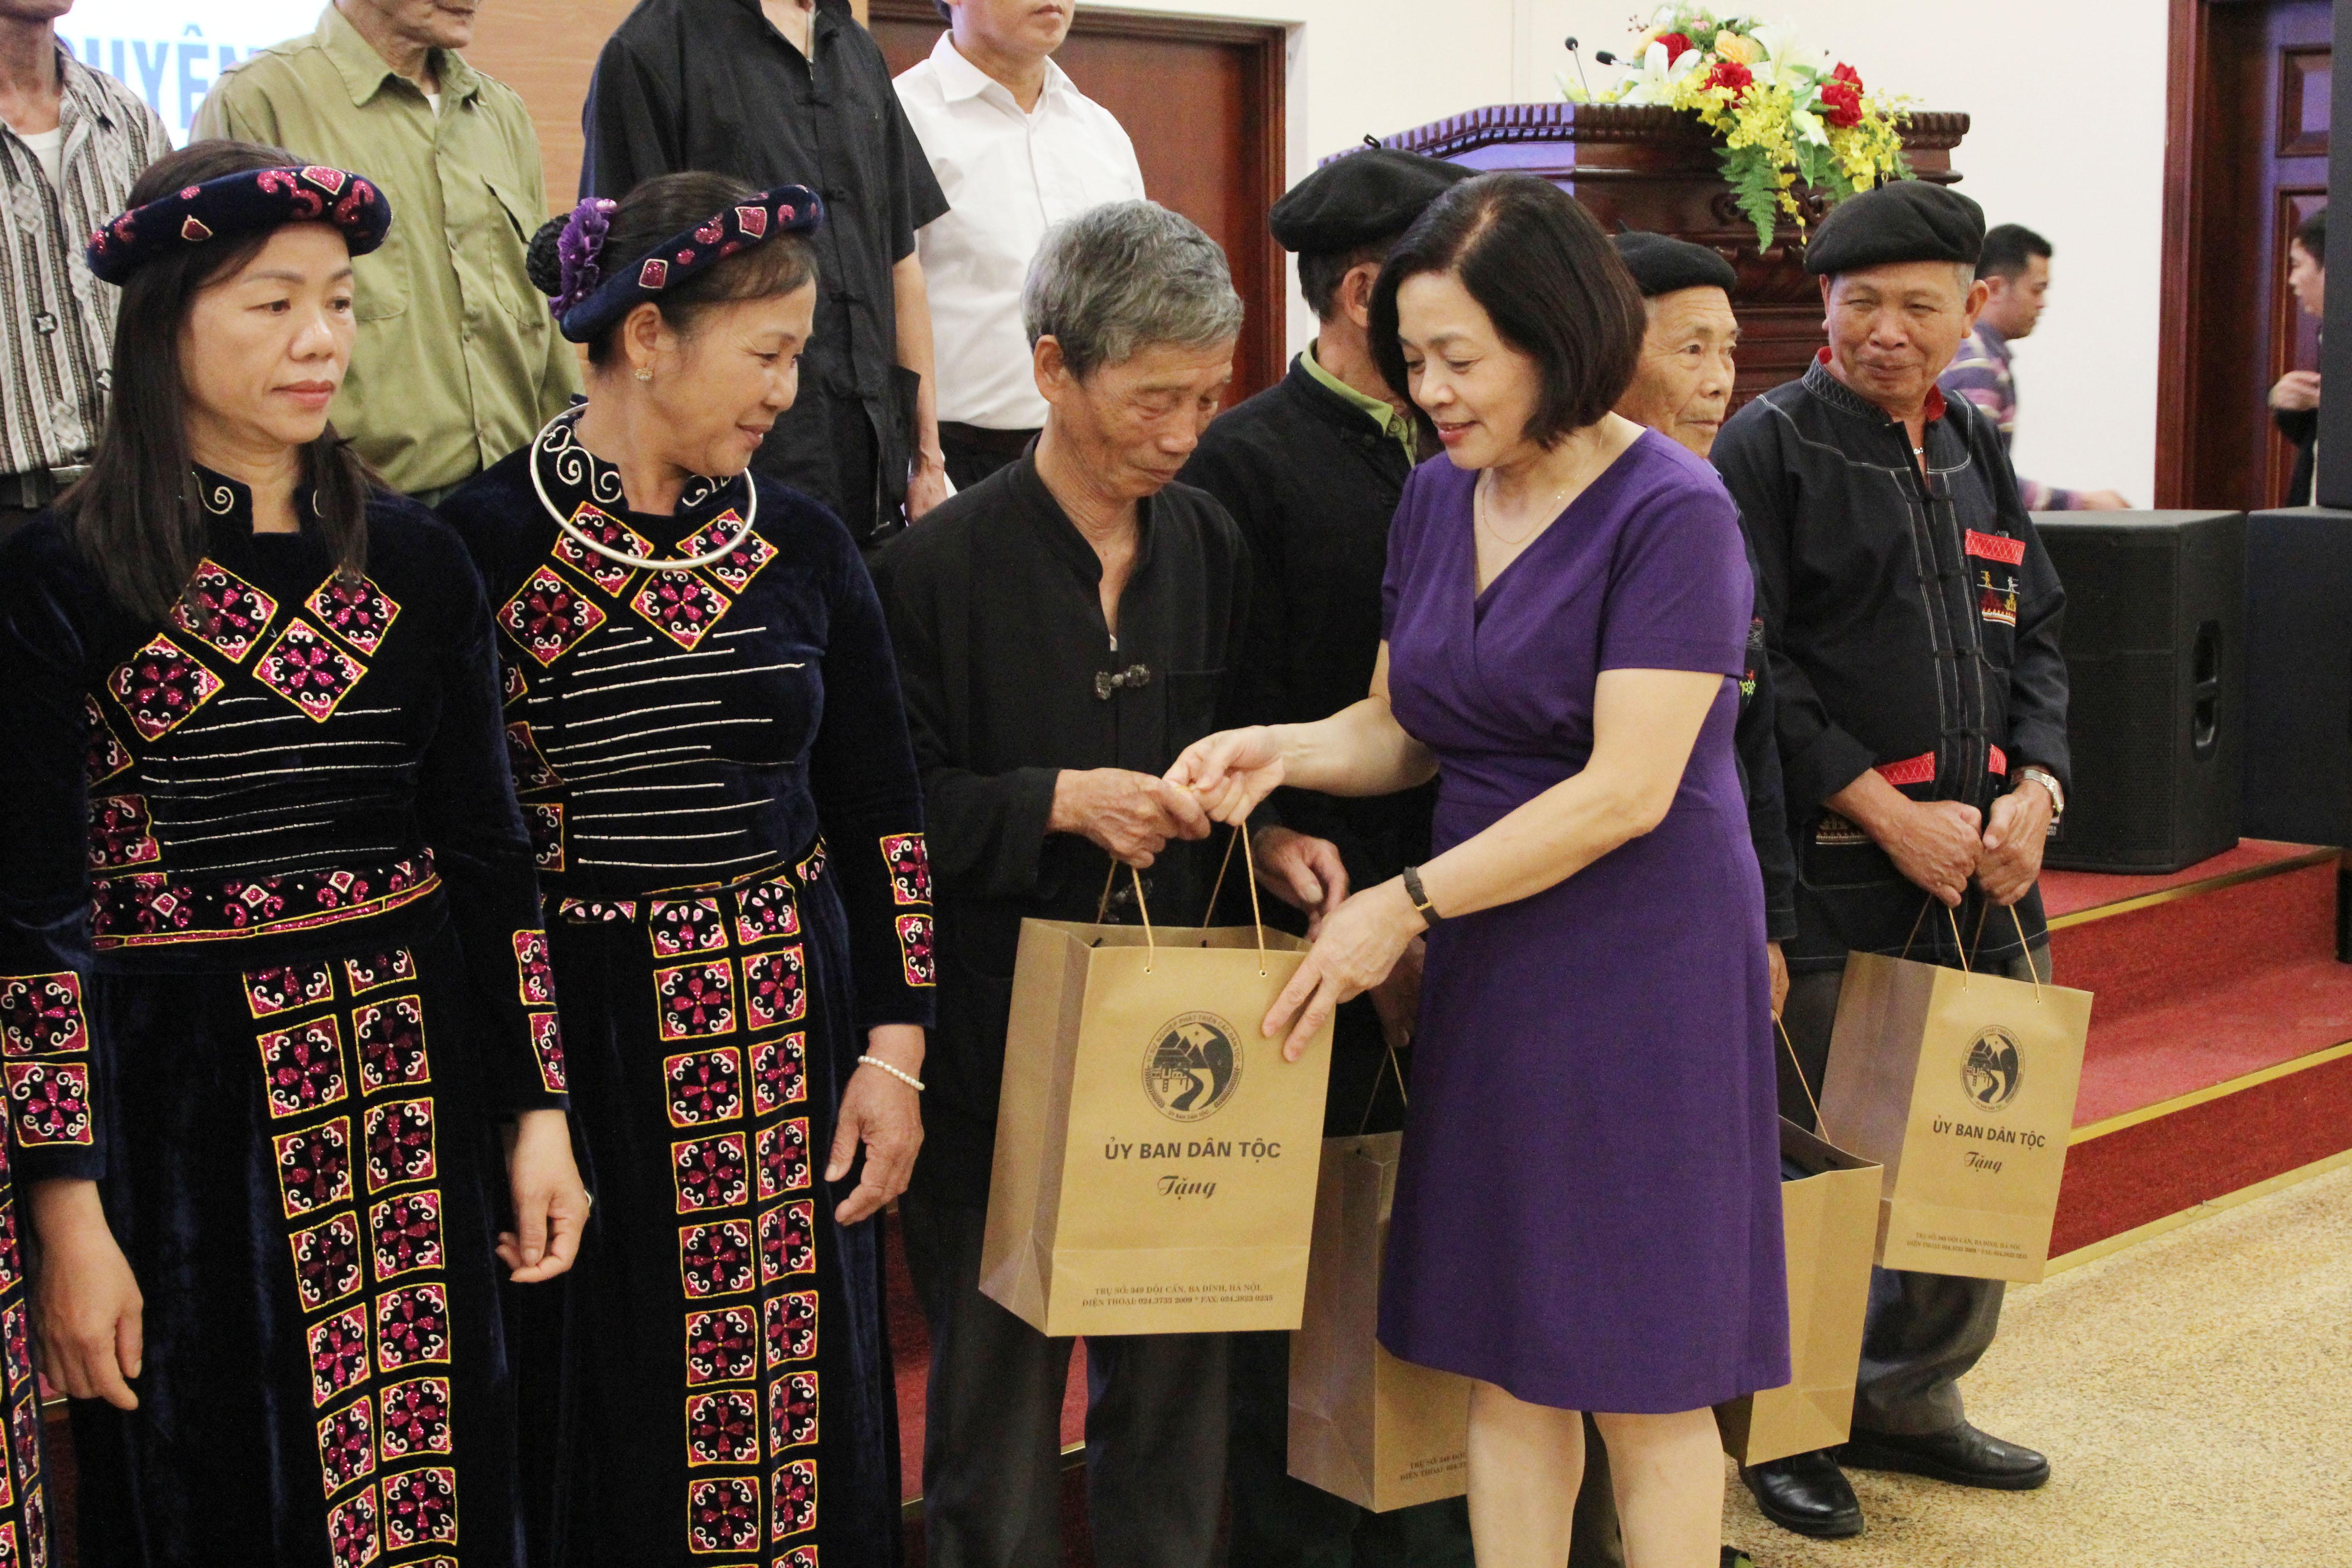 Bà Nguyễn Thị Tư, Vụ trưởng Vụ DTTS trao quà lưu niệm của UBDT cho các đại biểu